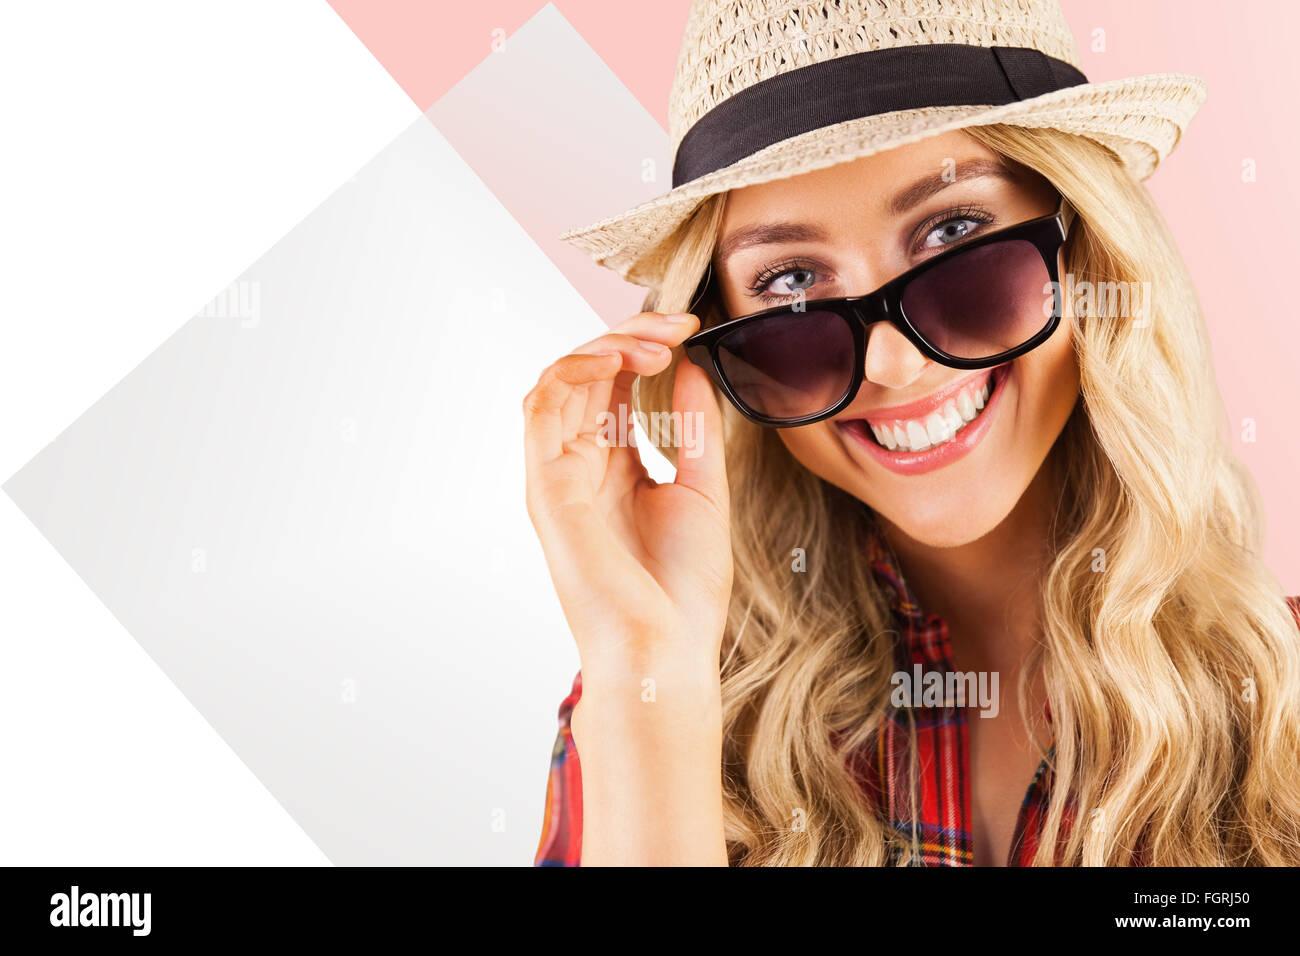 Zusammengesetztes Bild des wunderschönen lächelnden blonden Hipster posiert mit Sonnenbrille Stockfoto